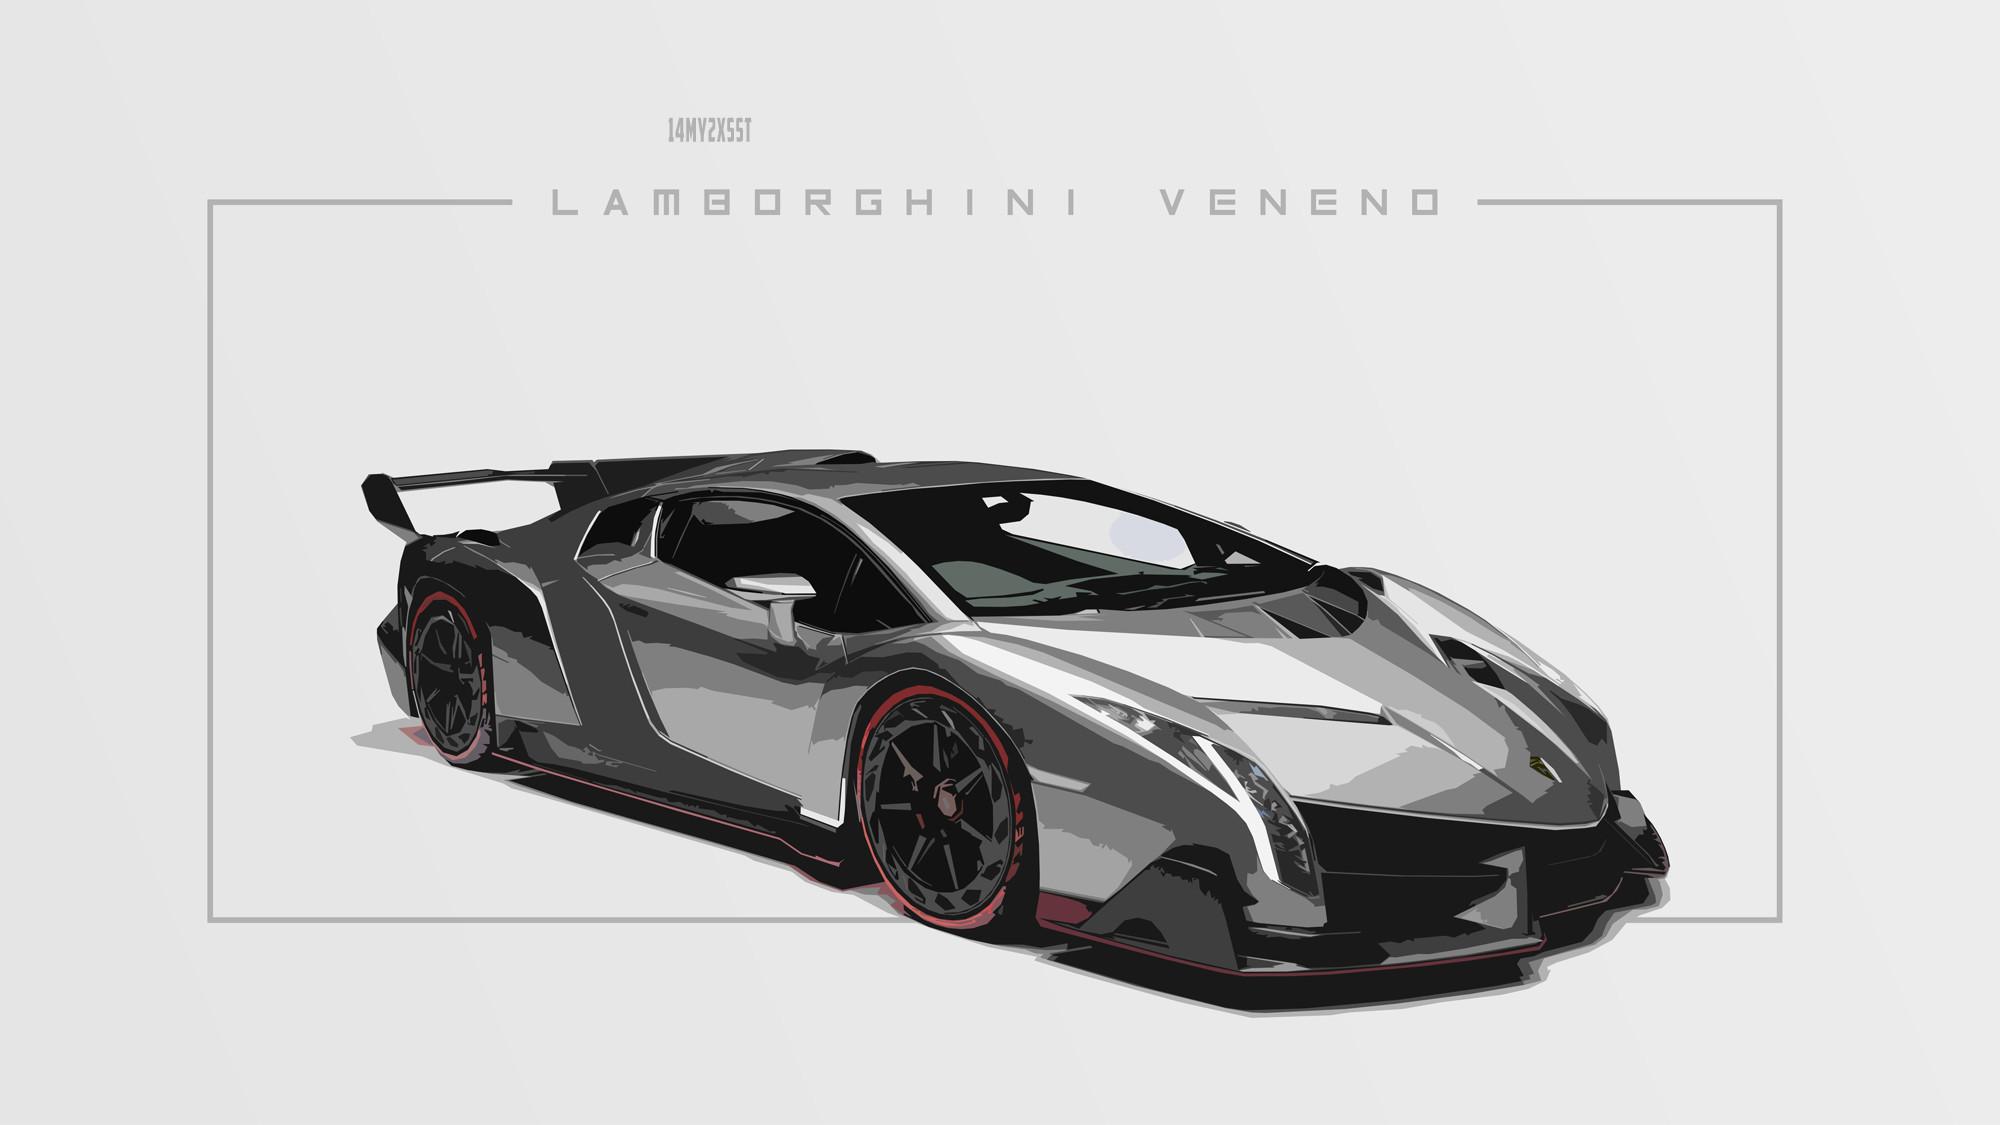 Lamborghini Veneno Lamborghini Car Artistic Sport Car Black & White 4k UHD  Wallpaper